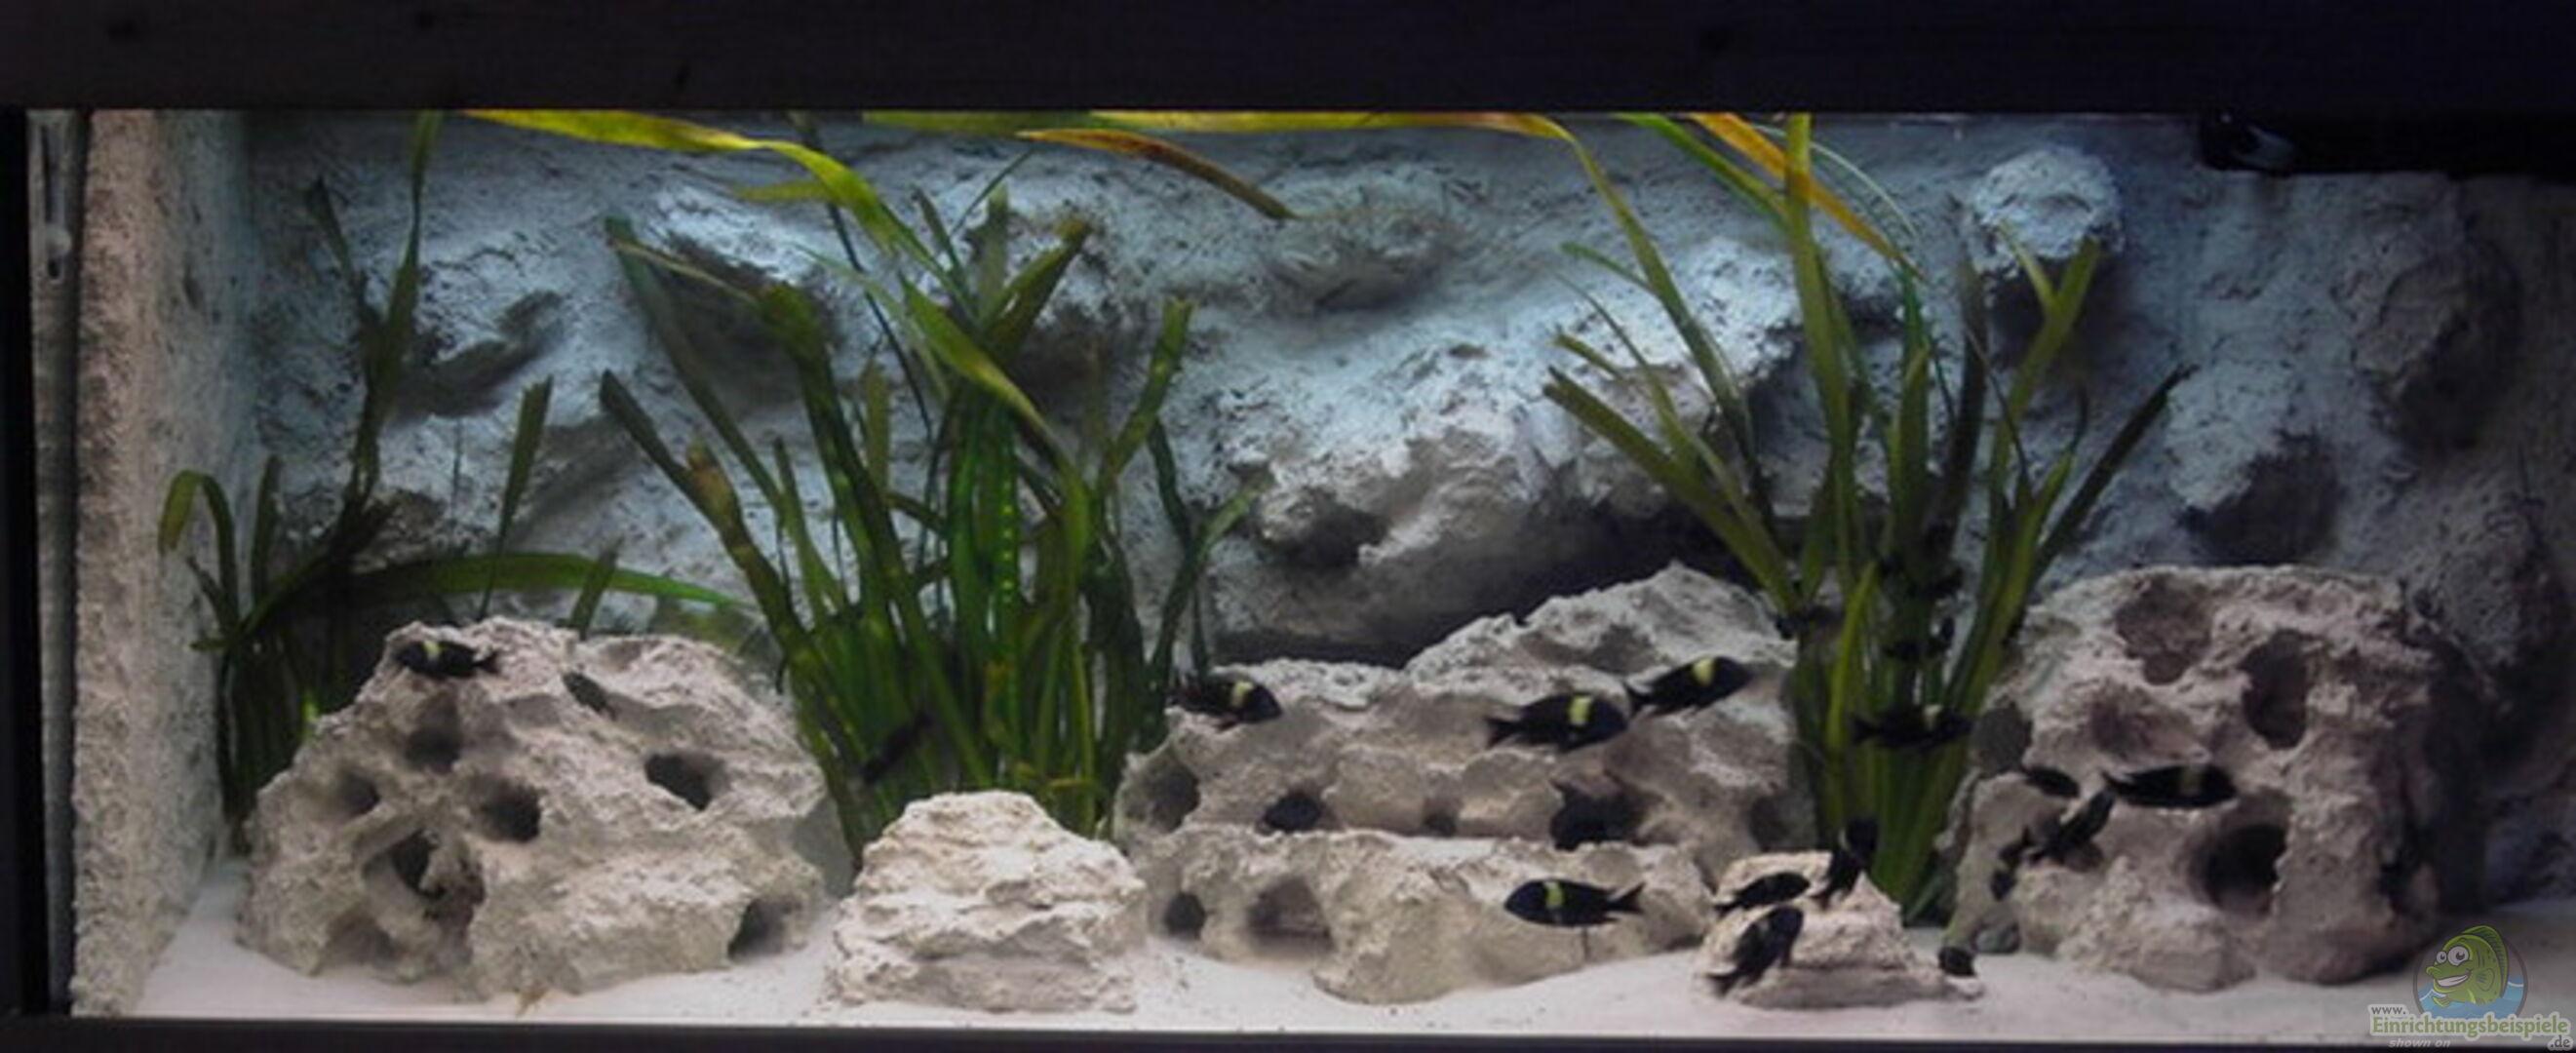 aquarium von enrico pinkert becken 883. Black Bedroom Furniture Sets. Home Design Ideas